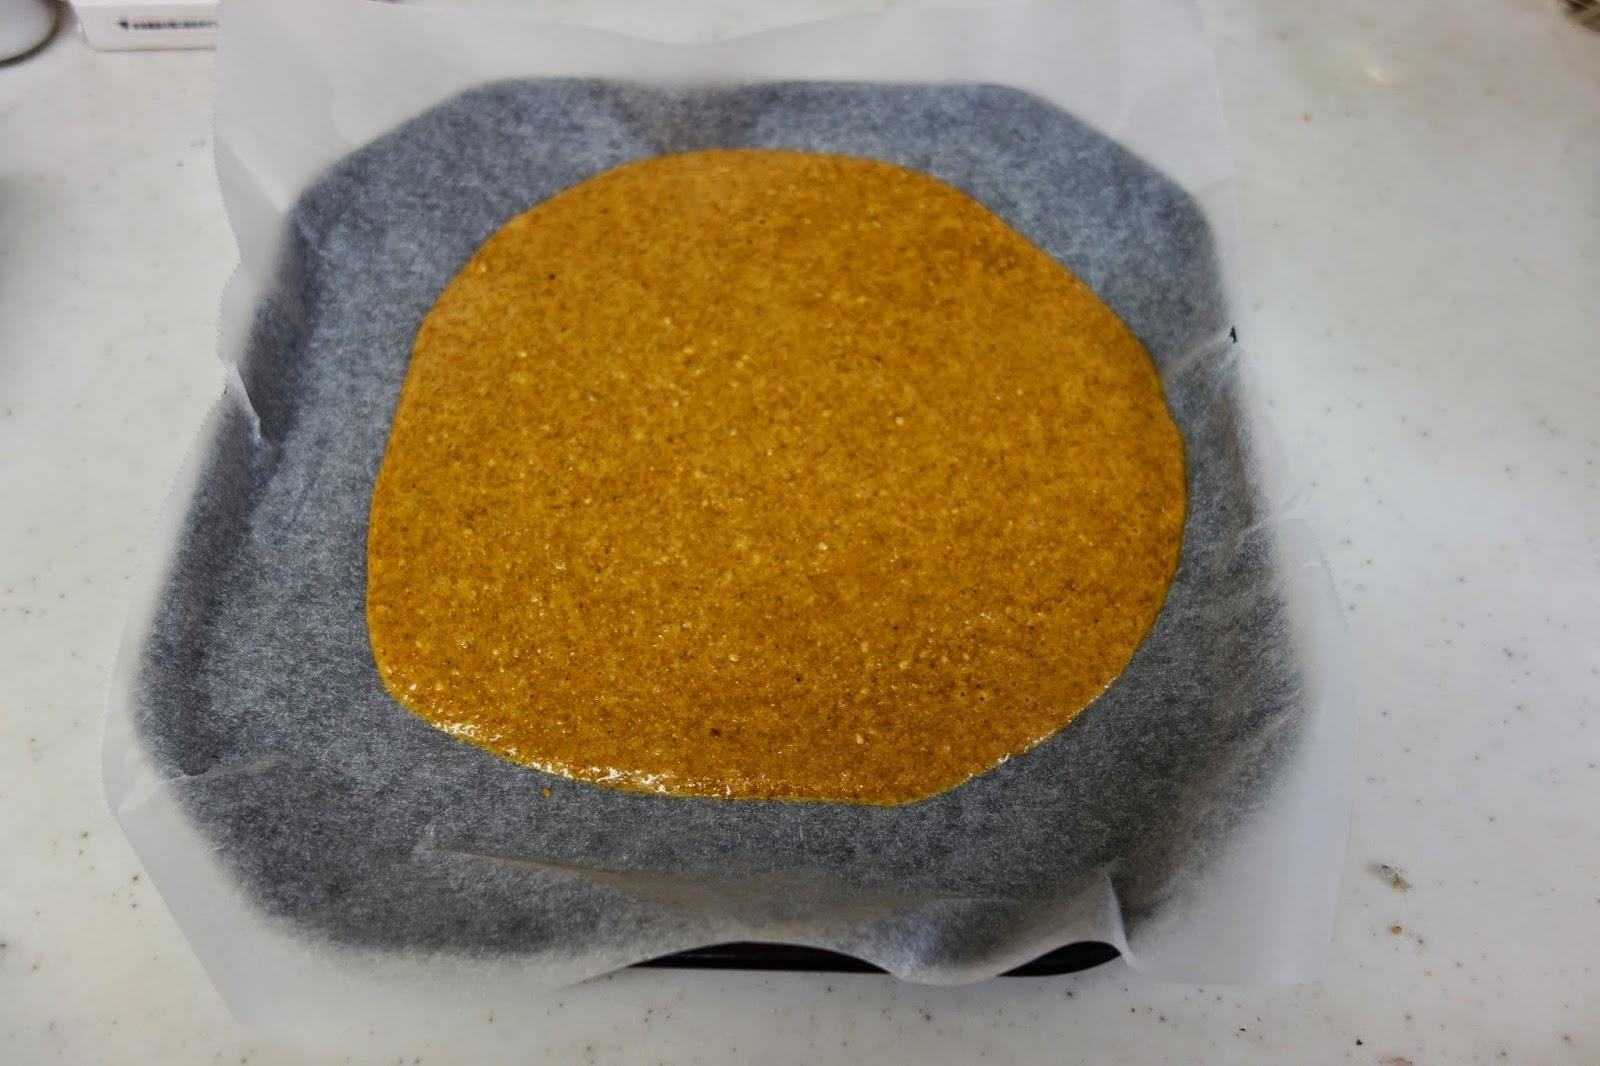 低糖質 クッキー ゴマ ごま 糖質制限 クッキングシート ラカント ダイエット エリスリトール ふすま ブラン レシピ 作り方